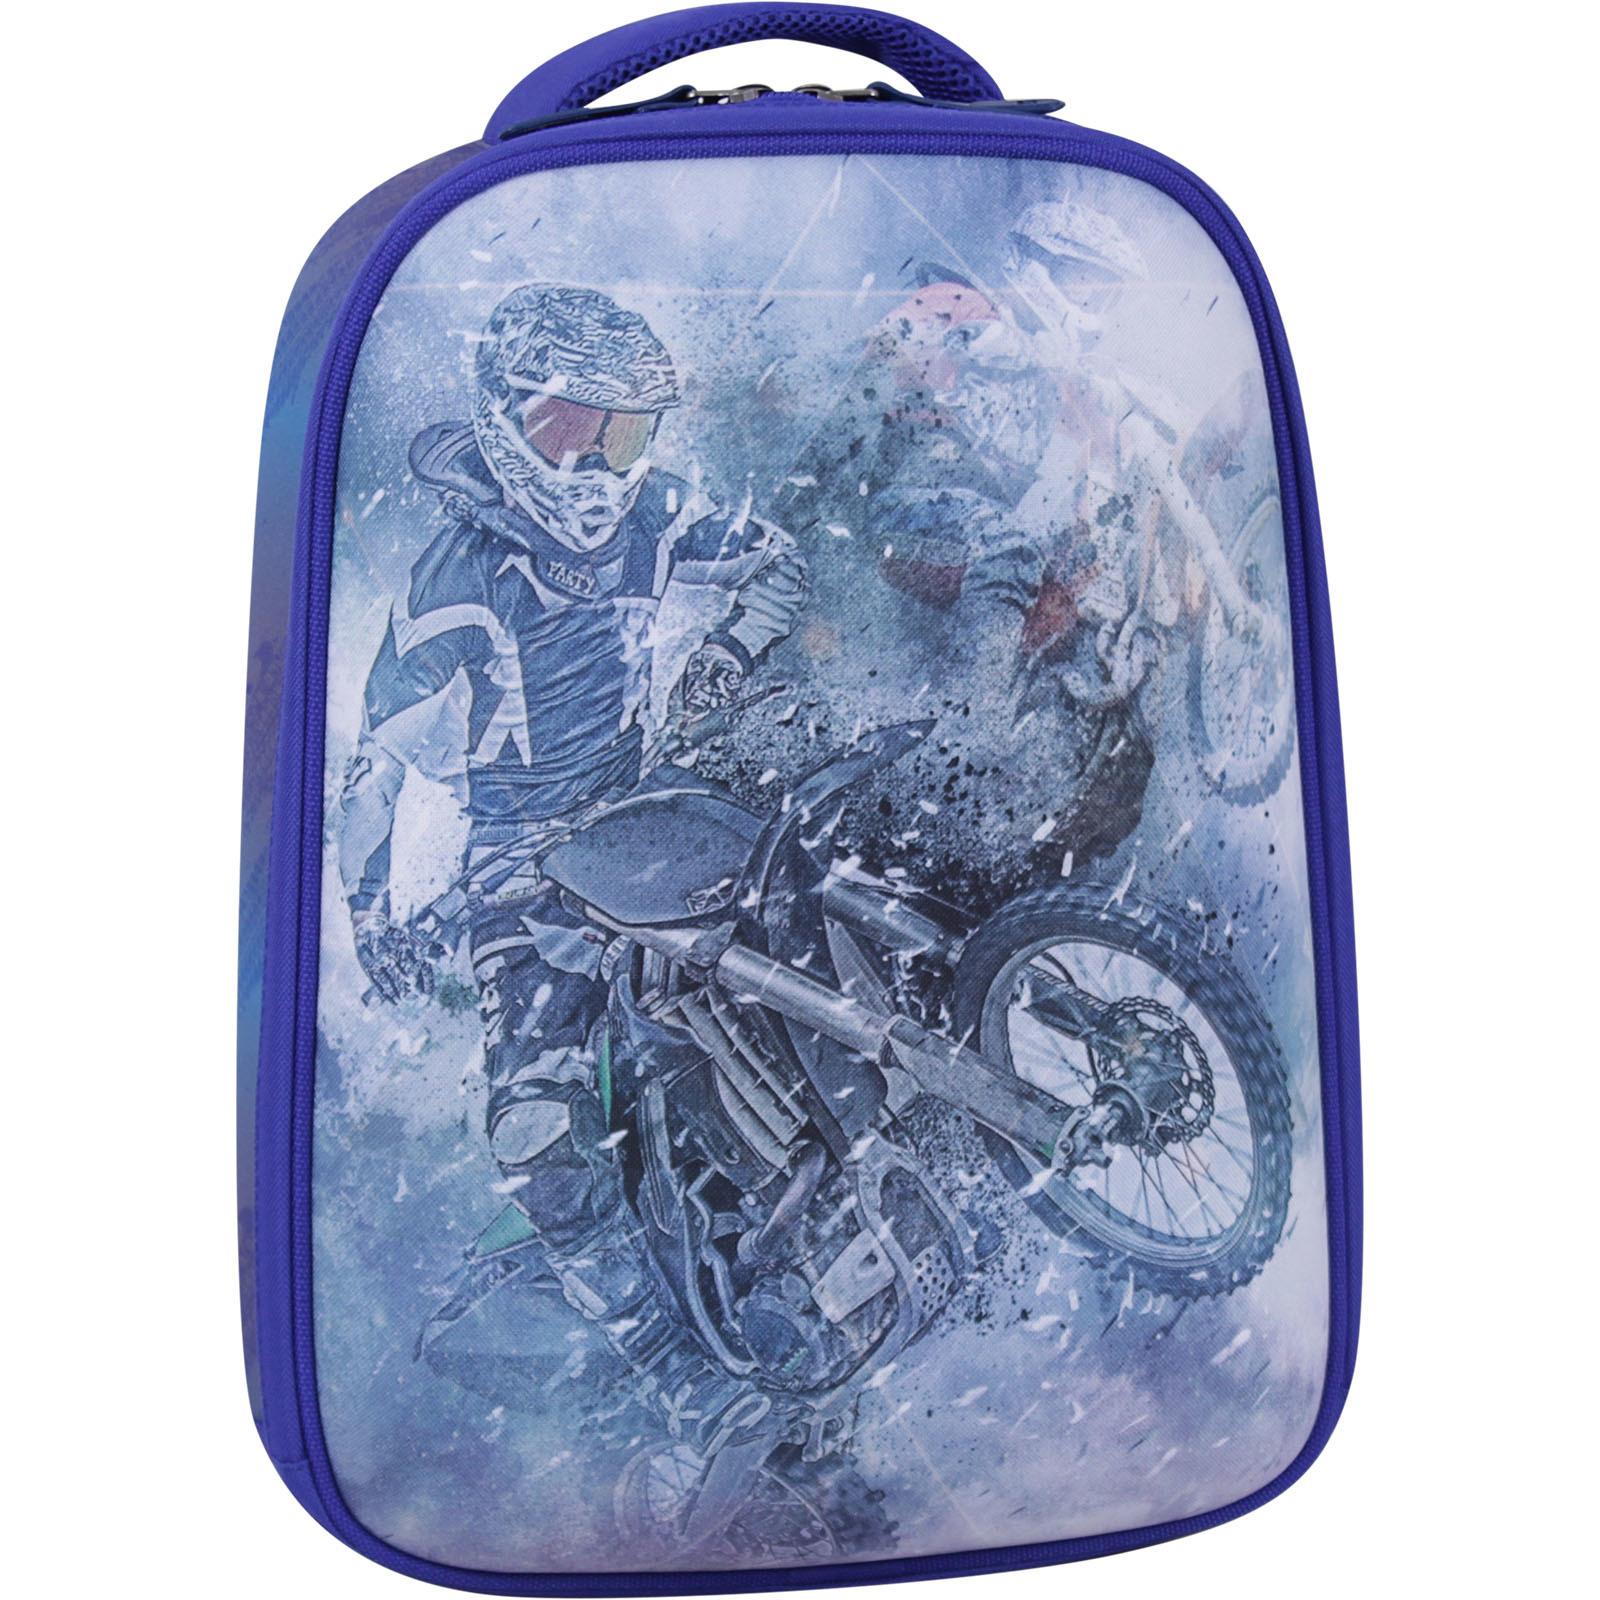 Школьные рюкзаки Рюкзак Bagland Turtle 17 л. электрик 534 (0013466) IMG_2258_суб.534_-1600.jpg